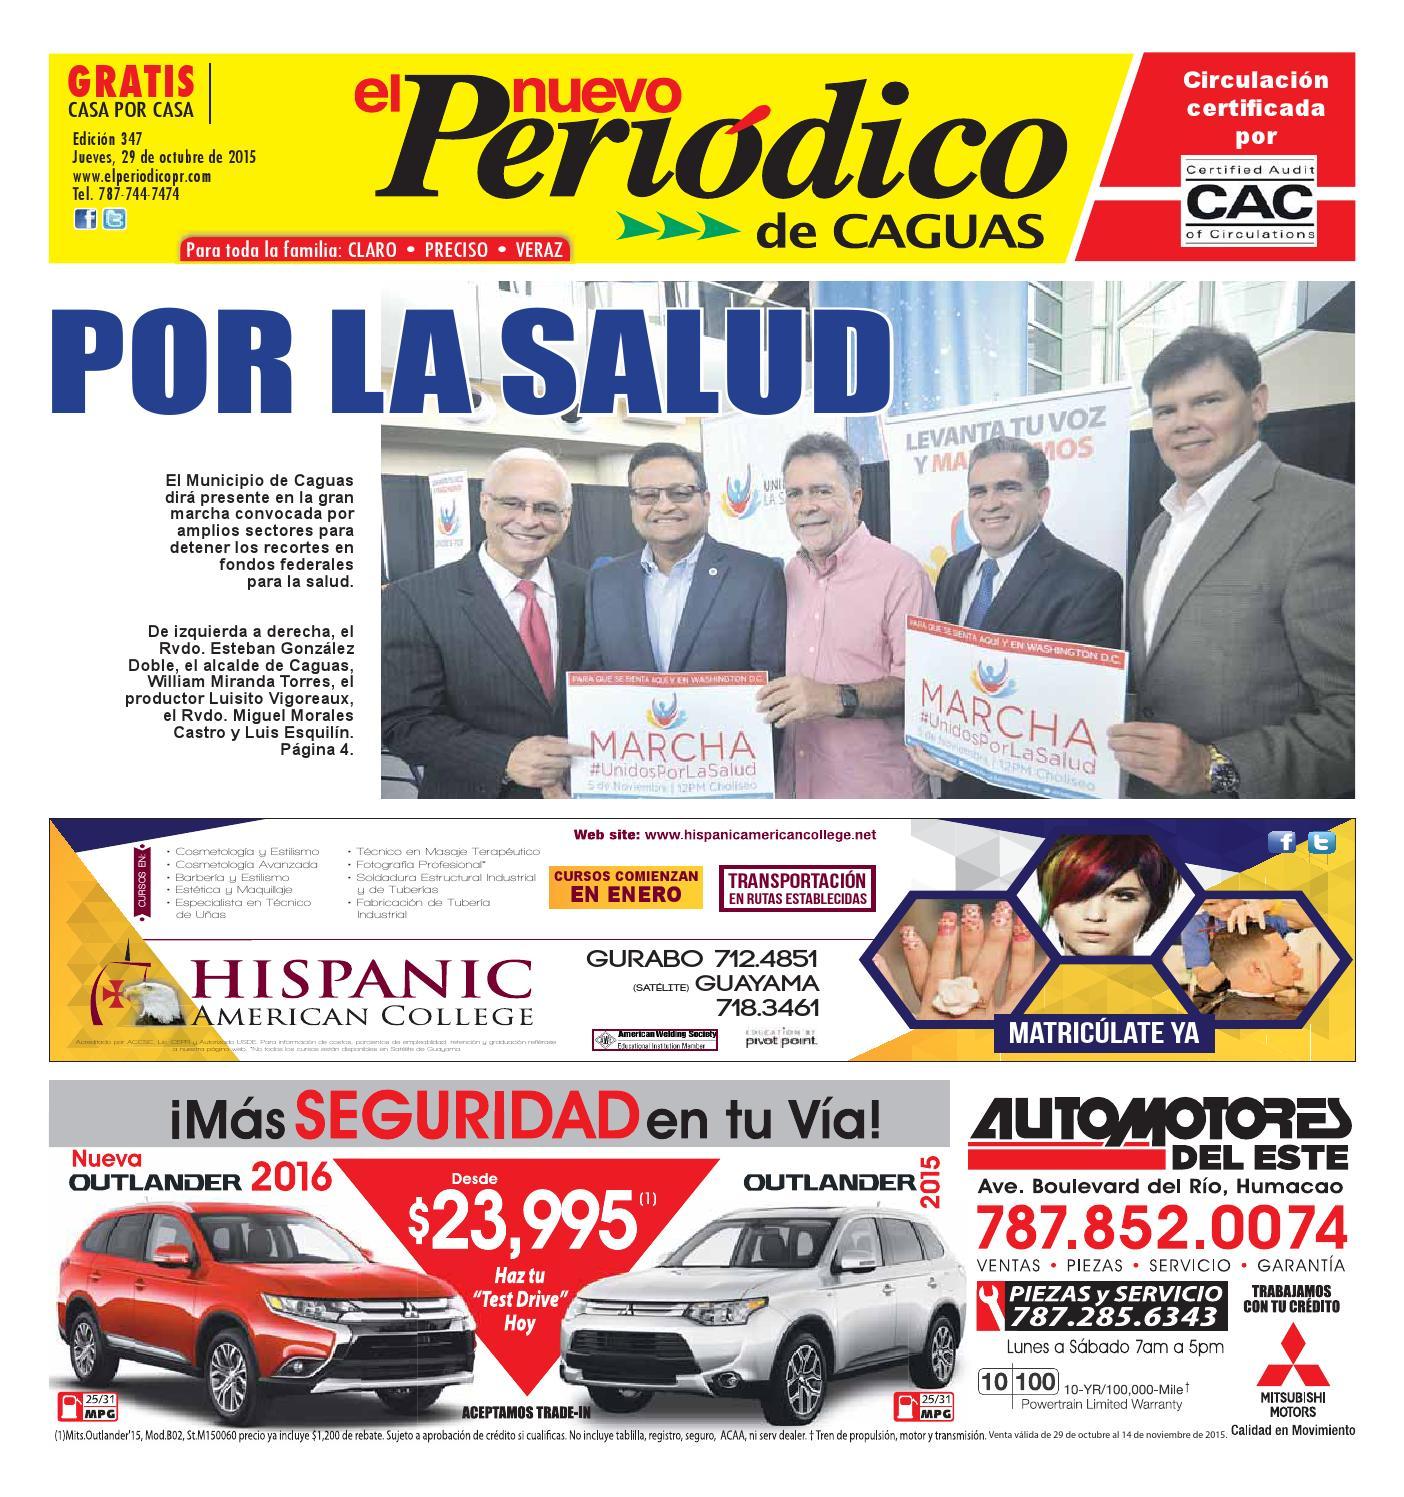 El Nuevo Peri³dico 347 by El Nuevo Periodico de Caguas issuu